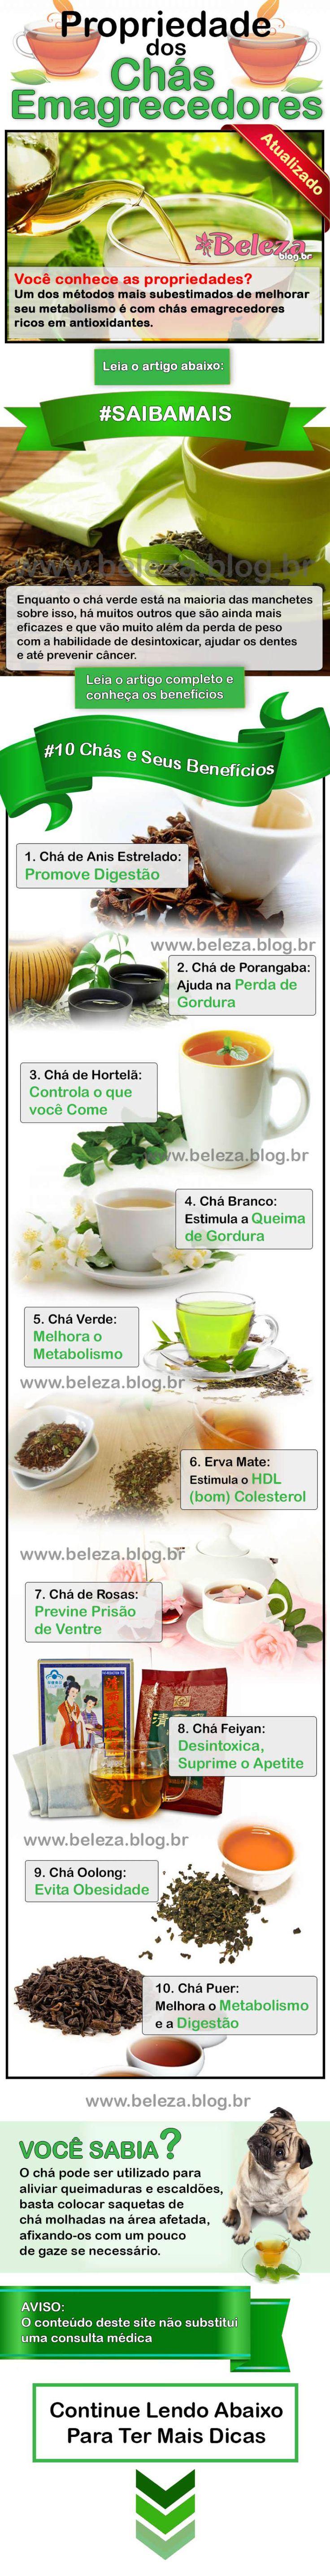 beleza.blog.br.cha-para-emagrecer-confira-quais-os-chas-que-emagrecem-rapido #diet #emagrecer #regime #portorico